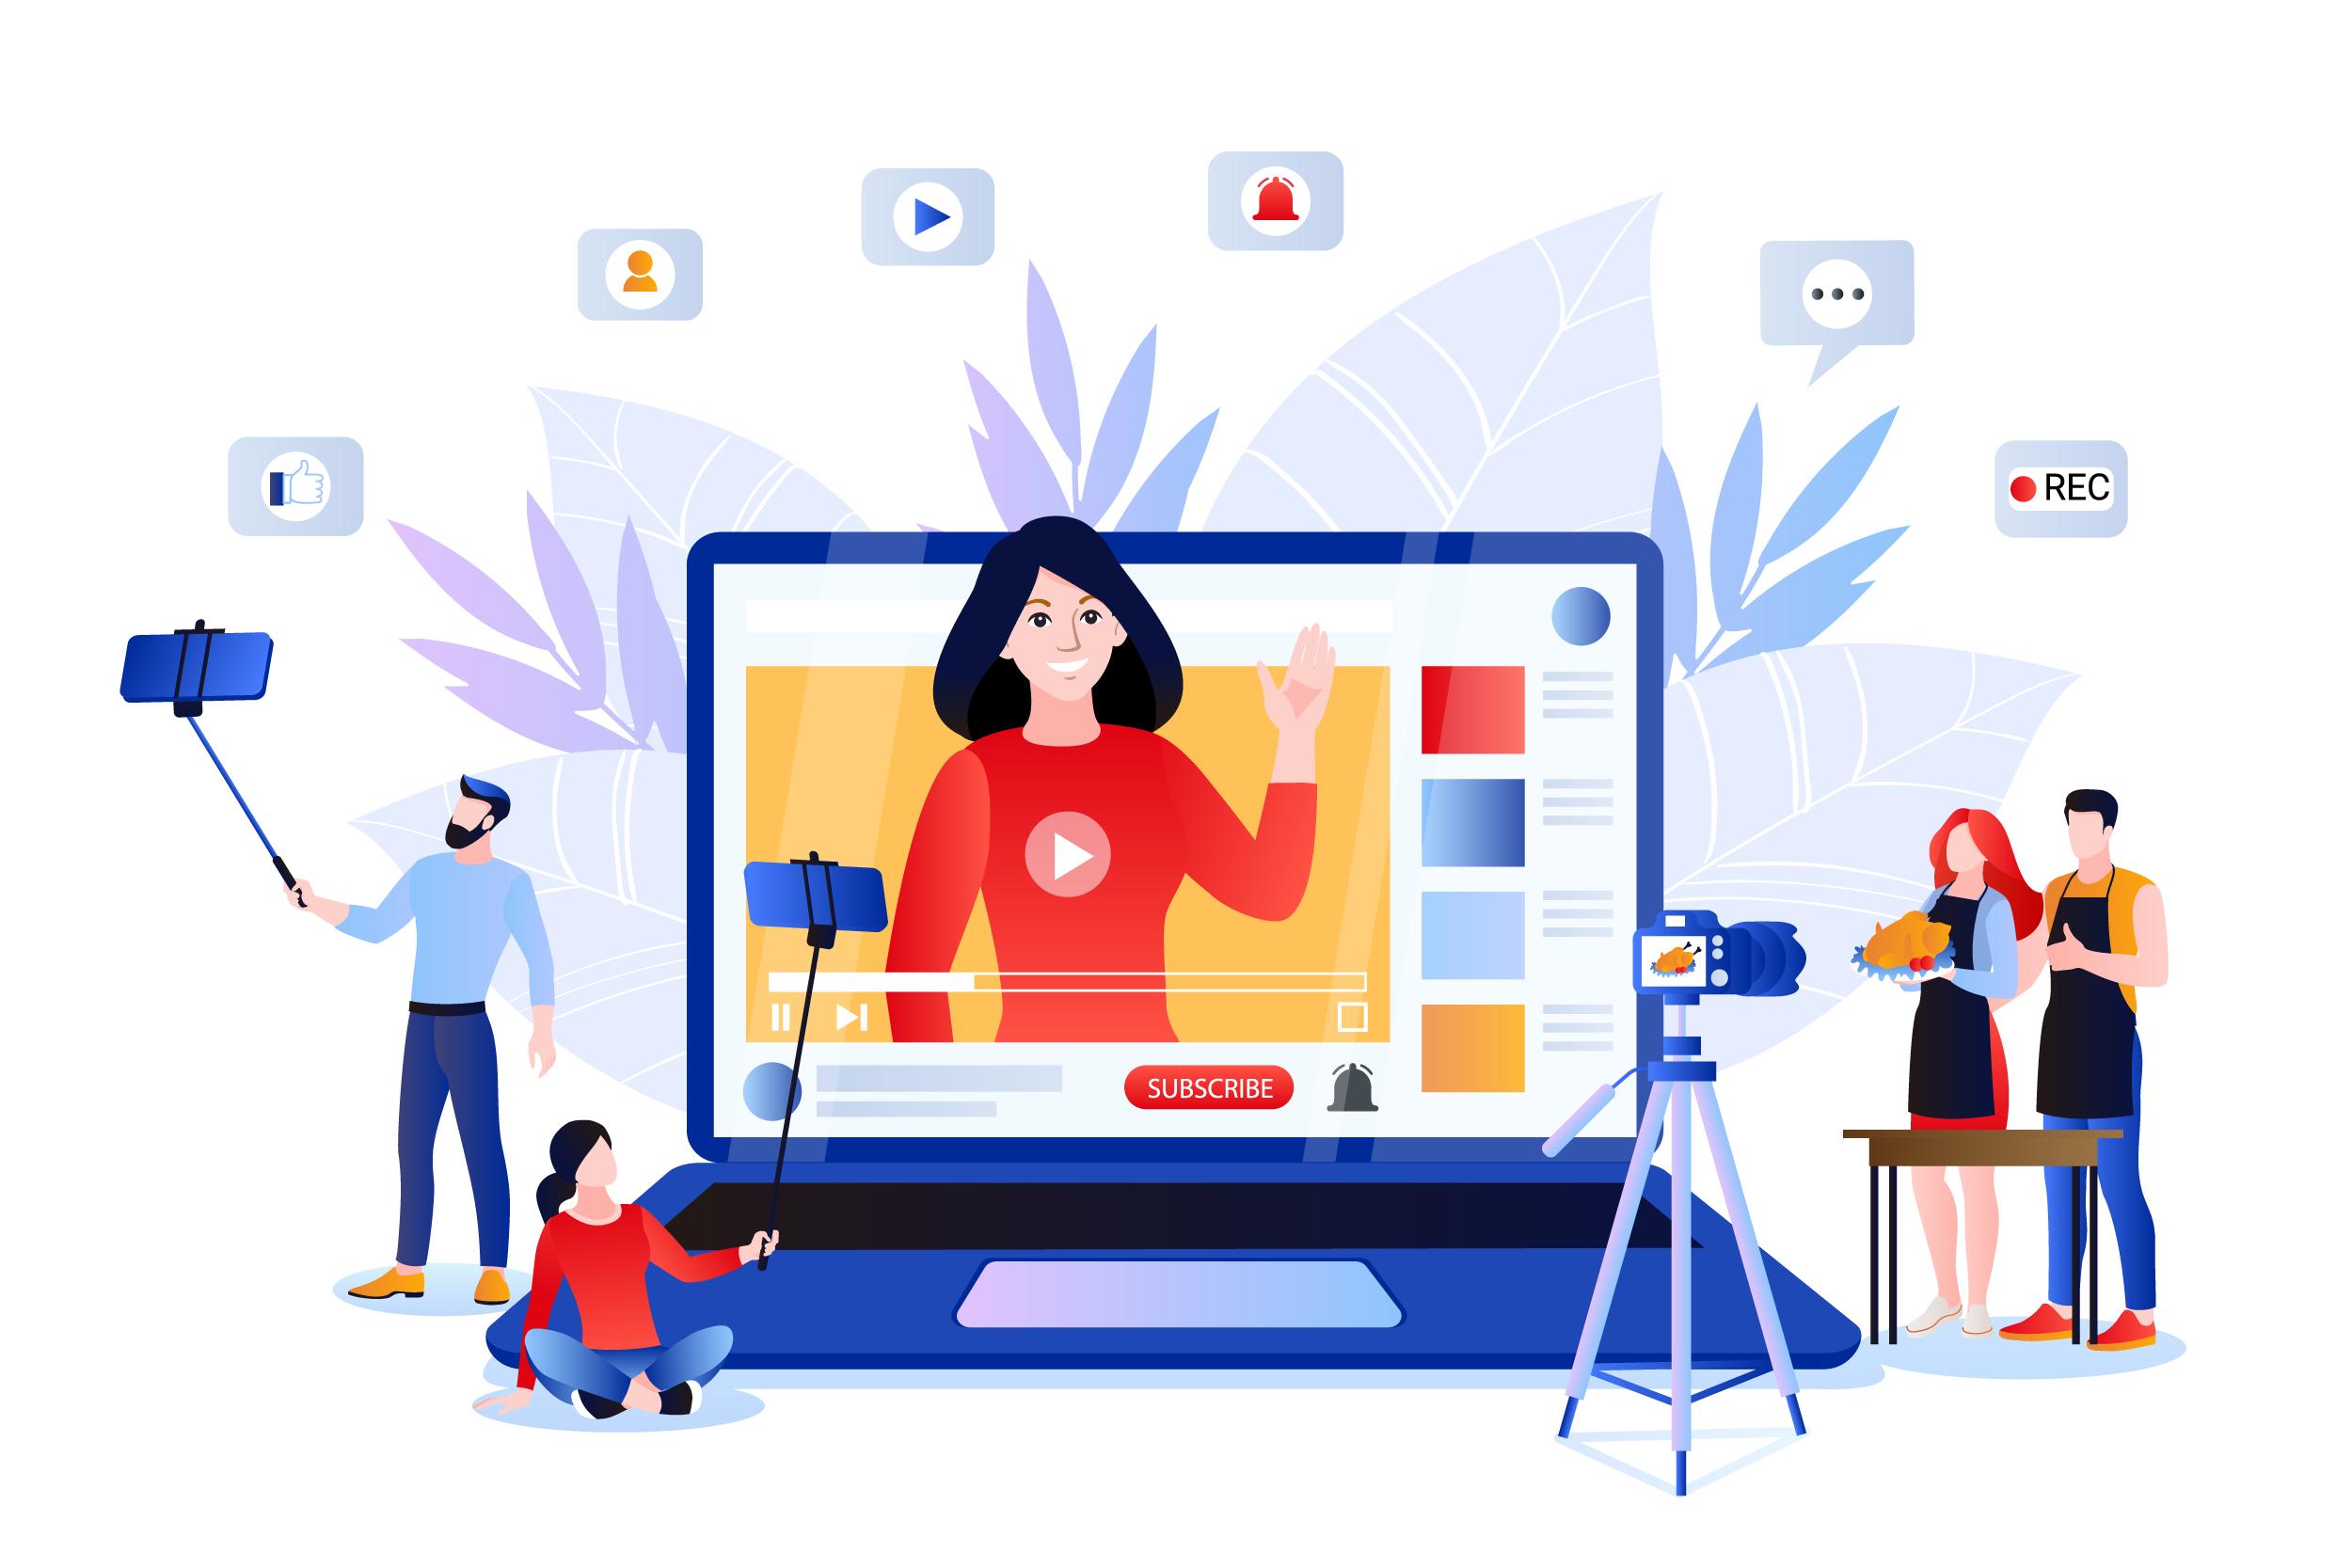 中小企業が動画を活用して事業を伸長させるべき理由とはのサムネイル画像